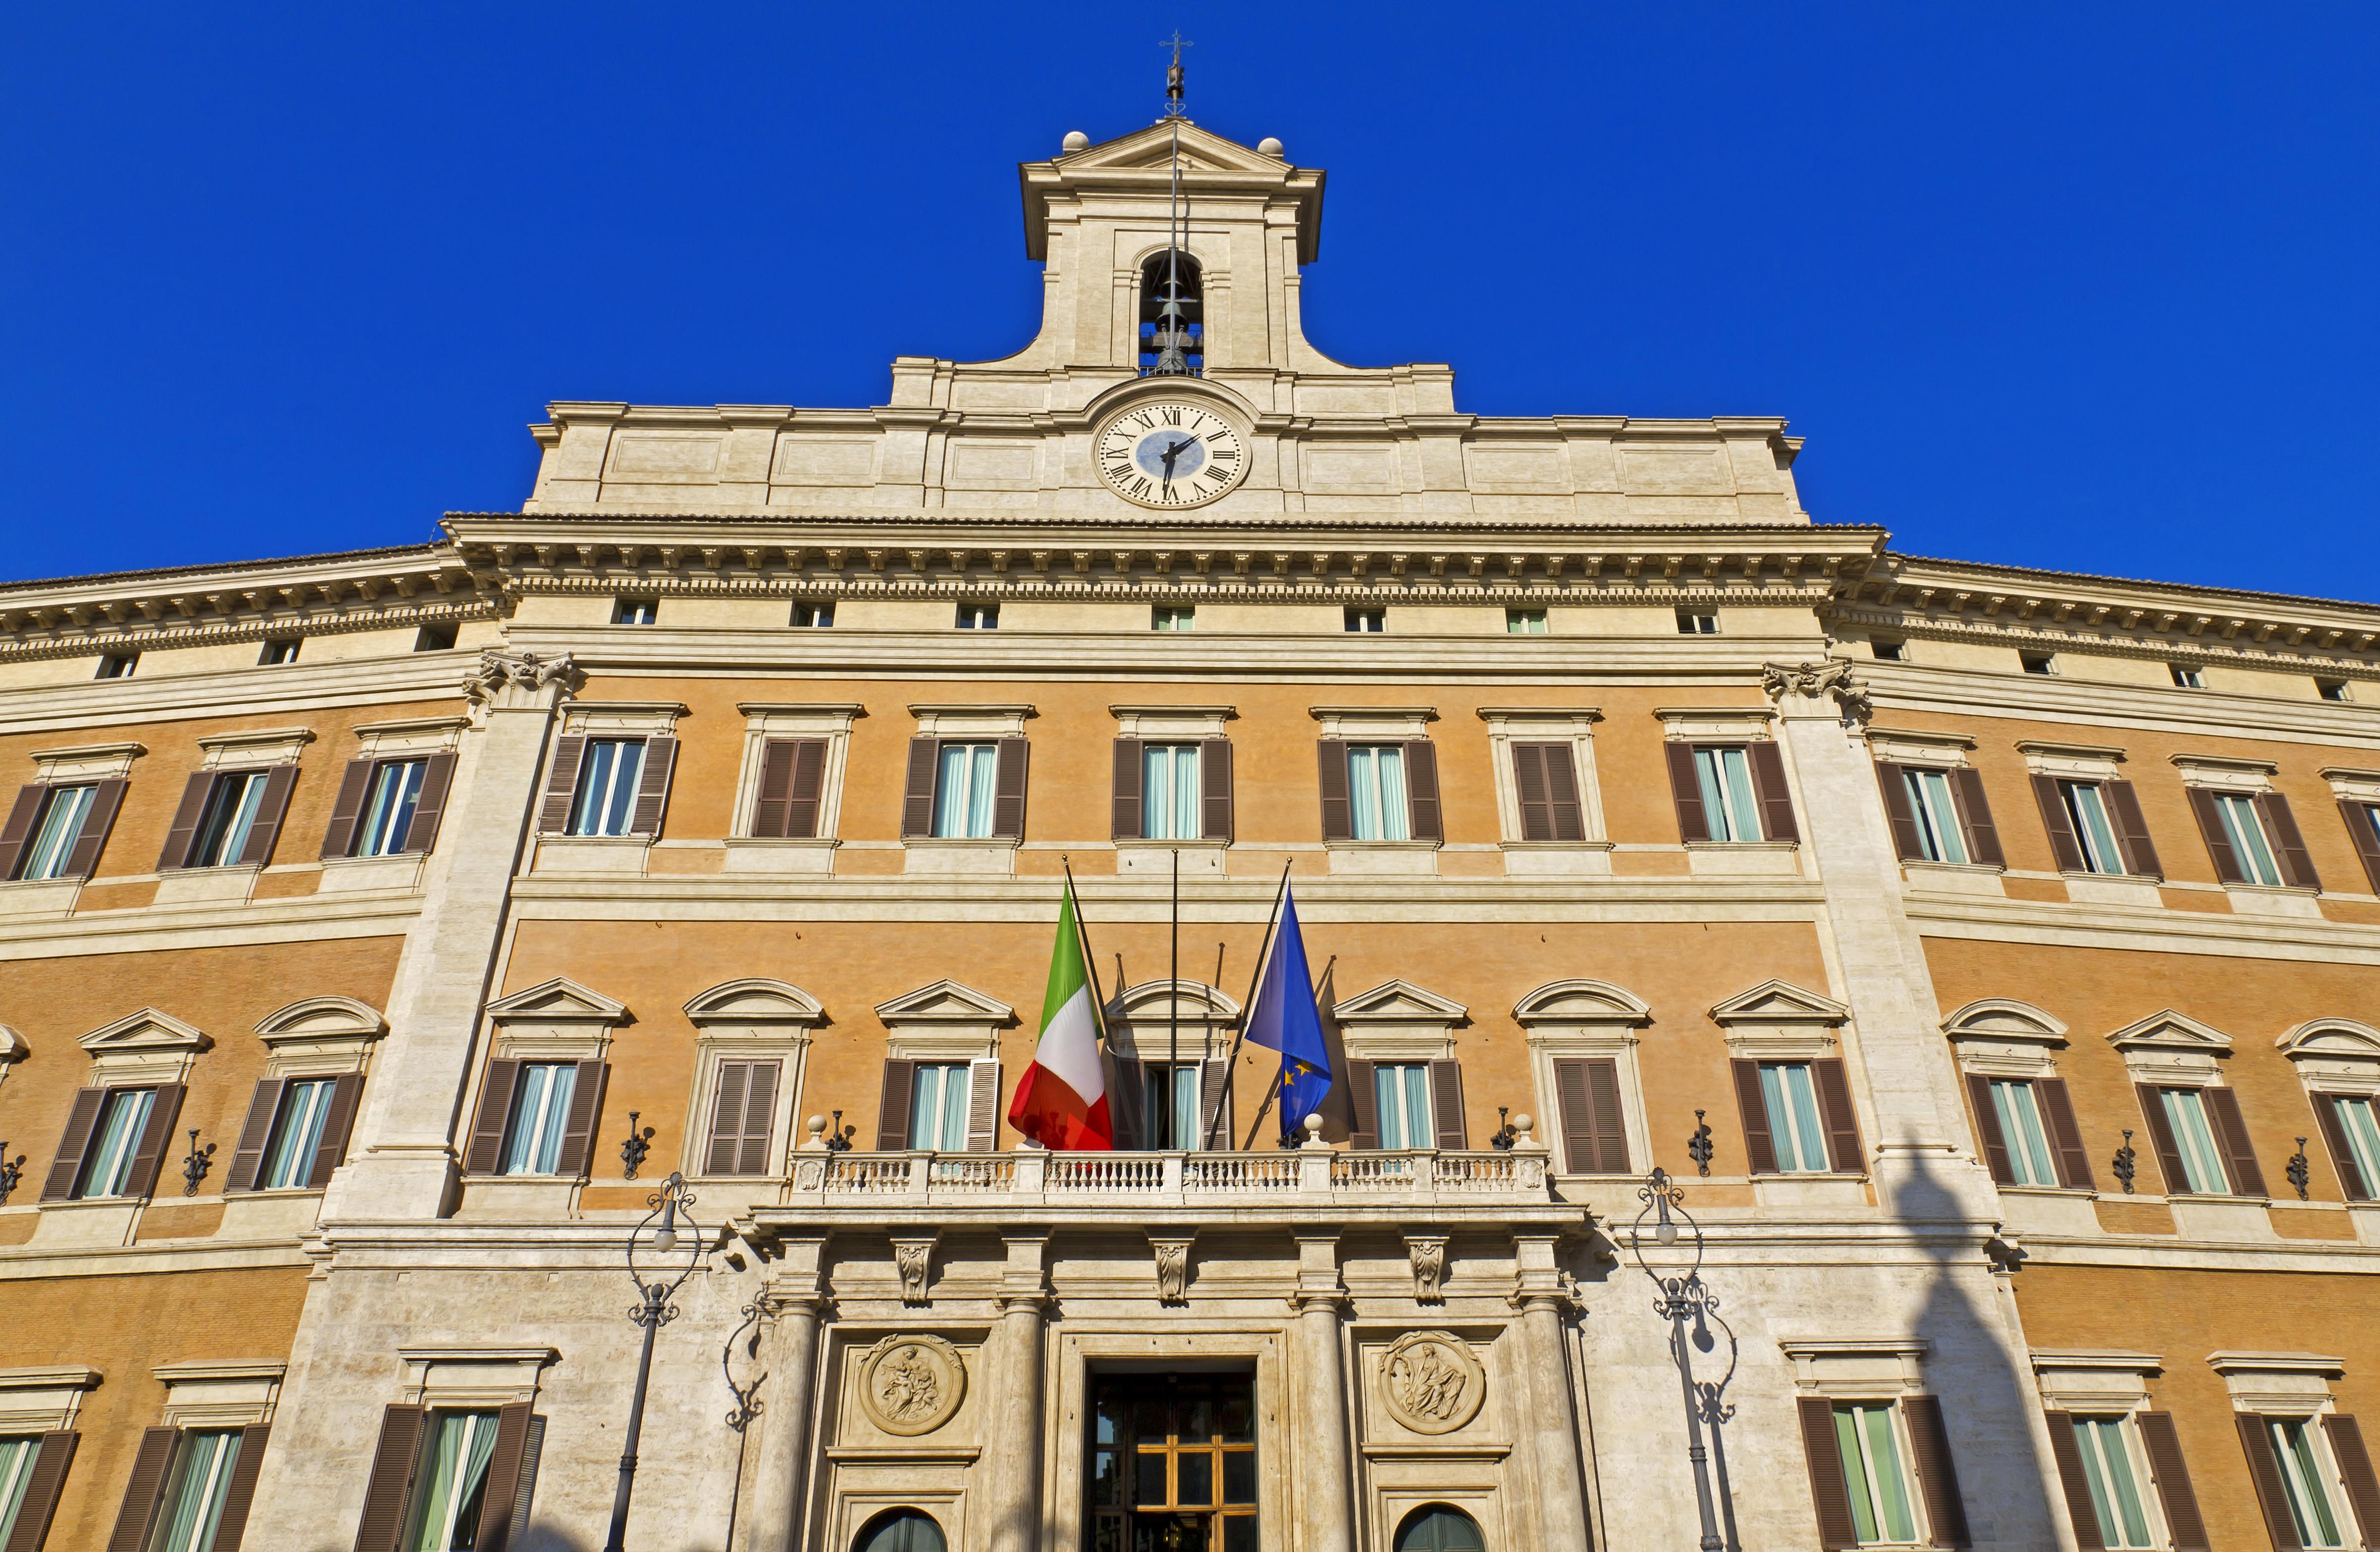 Decreto direttive europee la parola al parlamento for Parlamento montecitorio